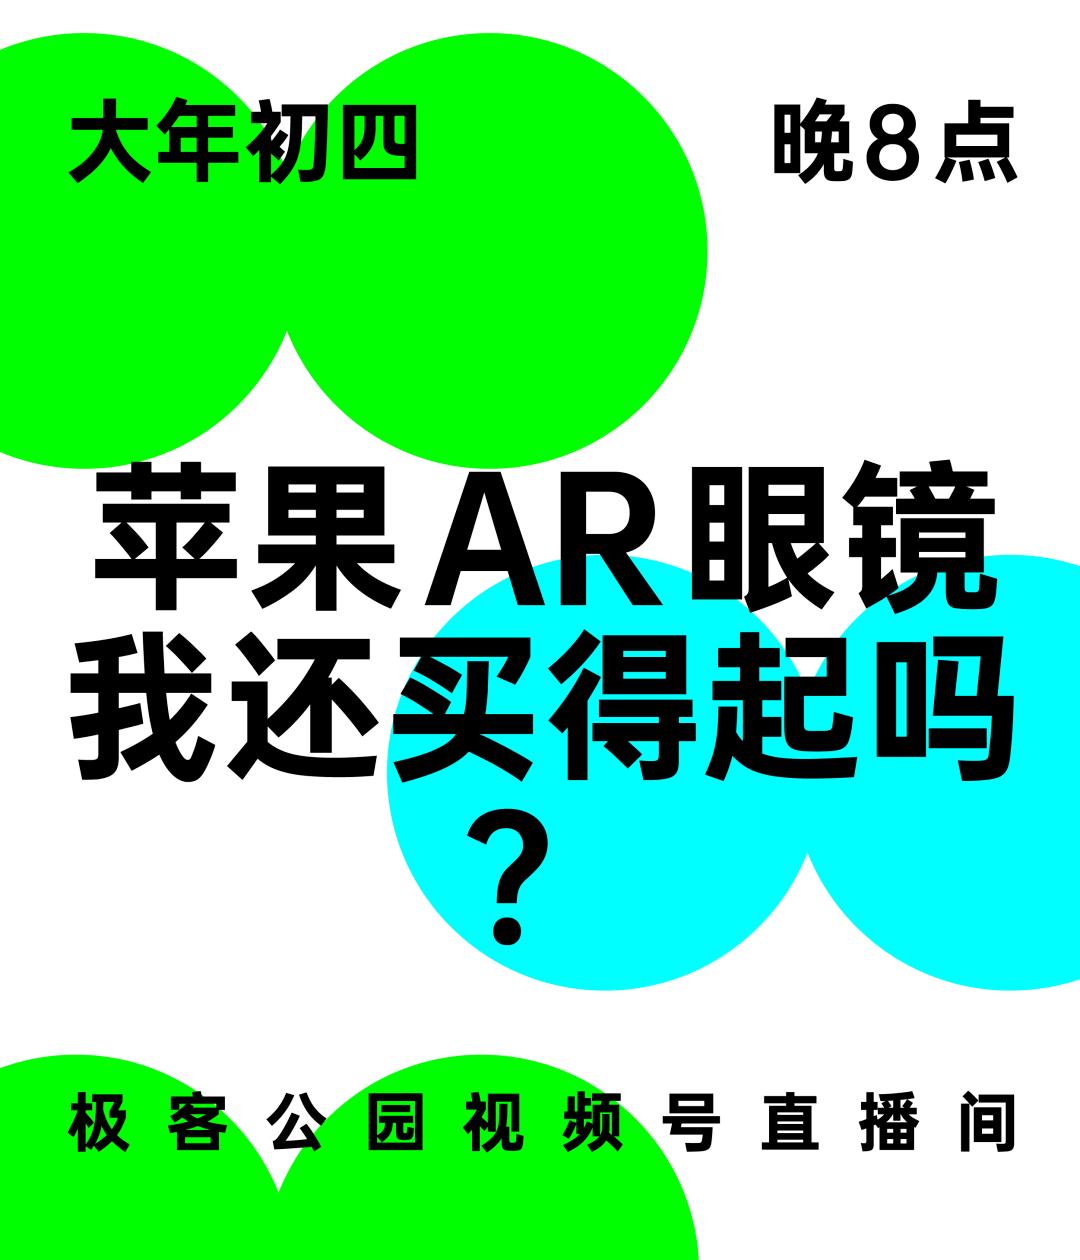 苹果 AR 眼镜,我还买得起吗?